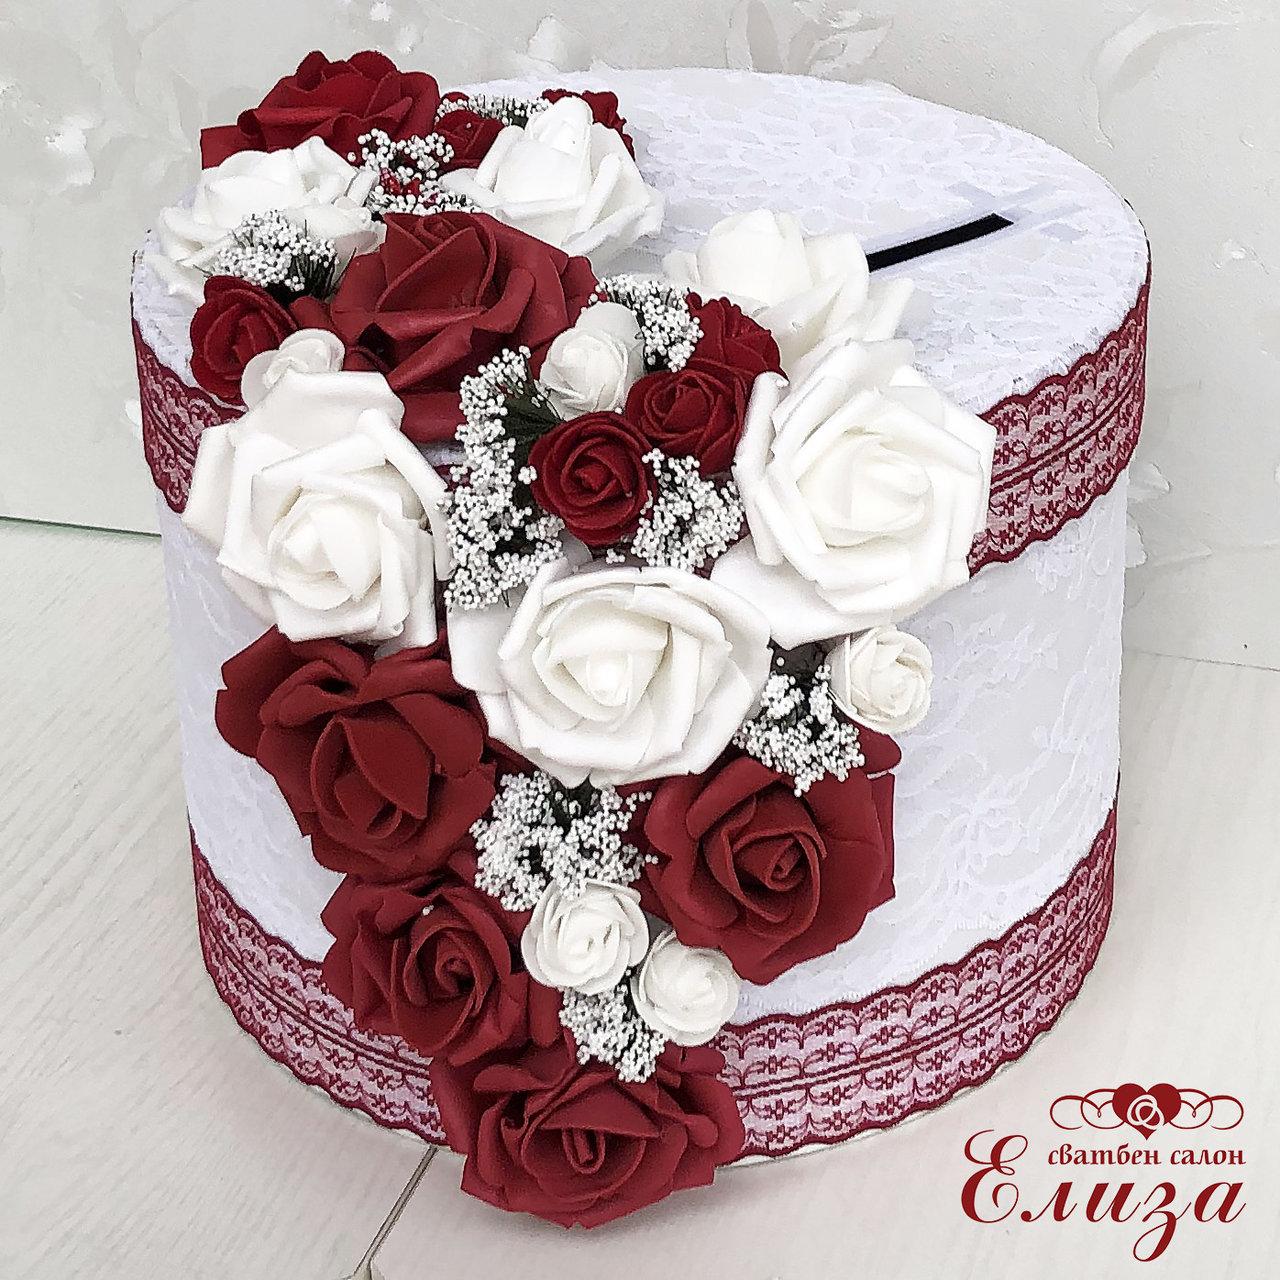 Сватбена кутия за пари в бордо и бяло